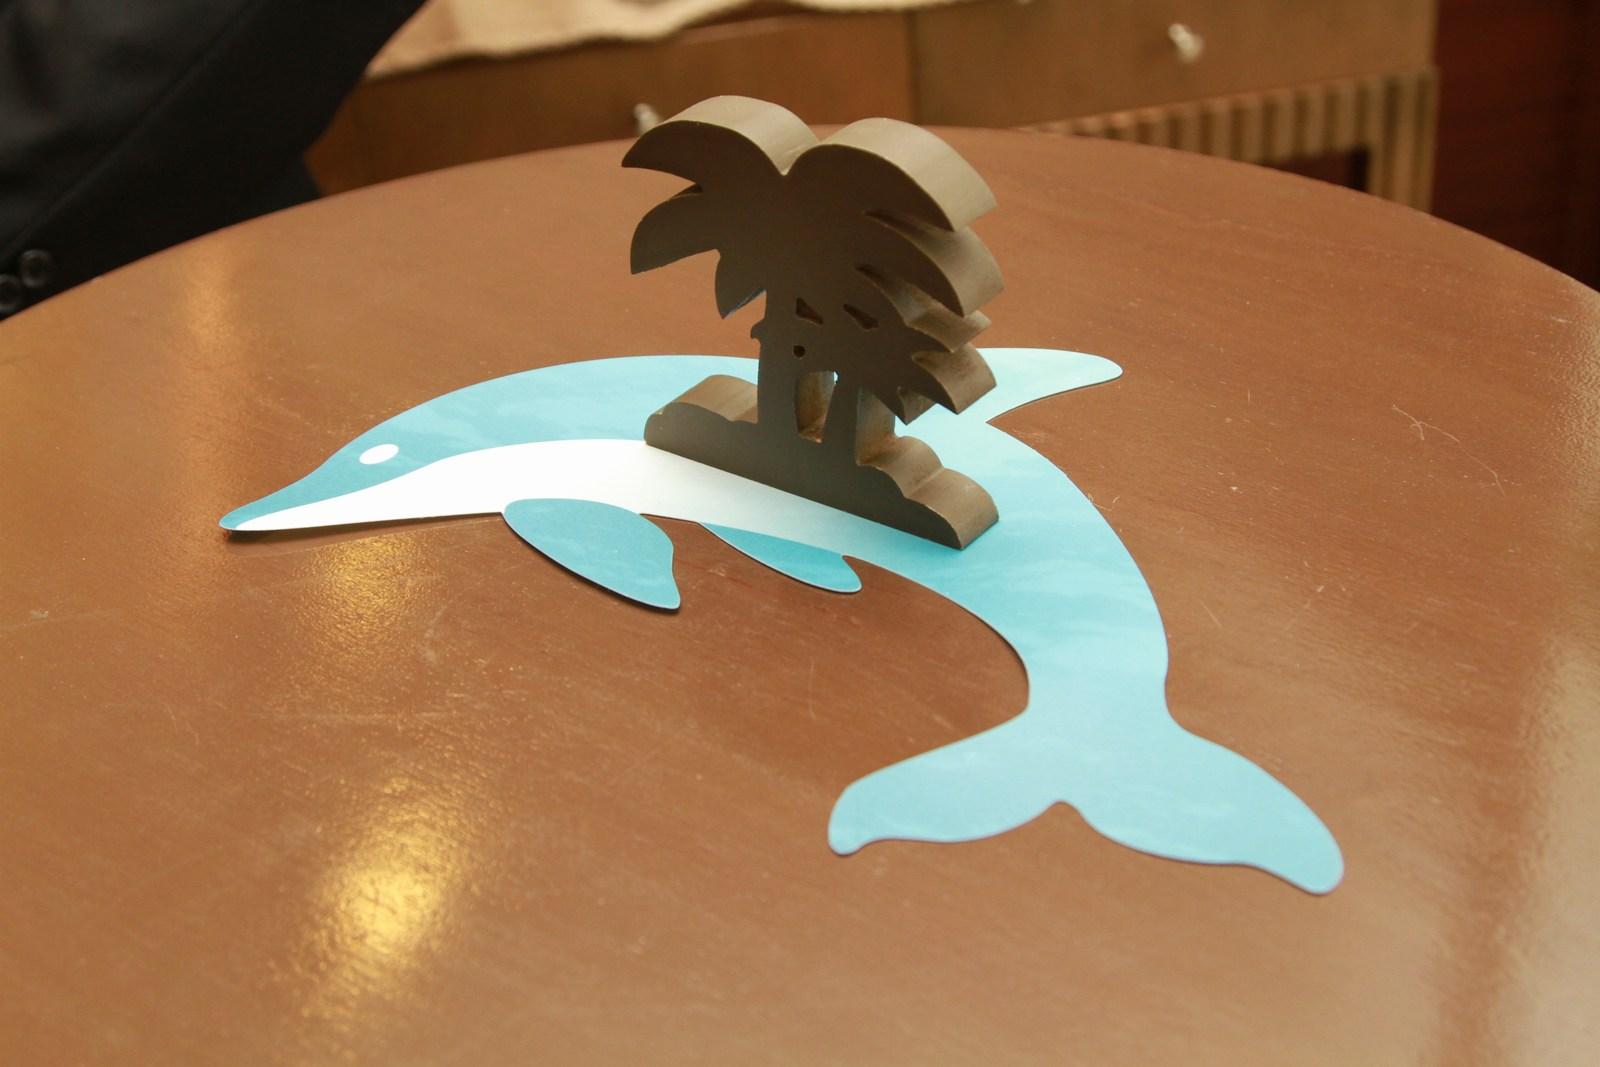 徳島市の結婚式場ブランアンジュで海をイメージして飾りつけしたイルカのオブジェ